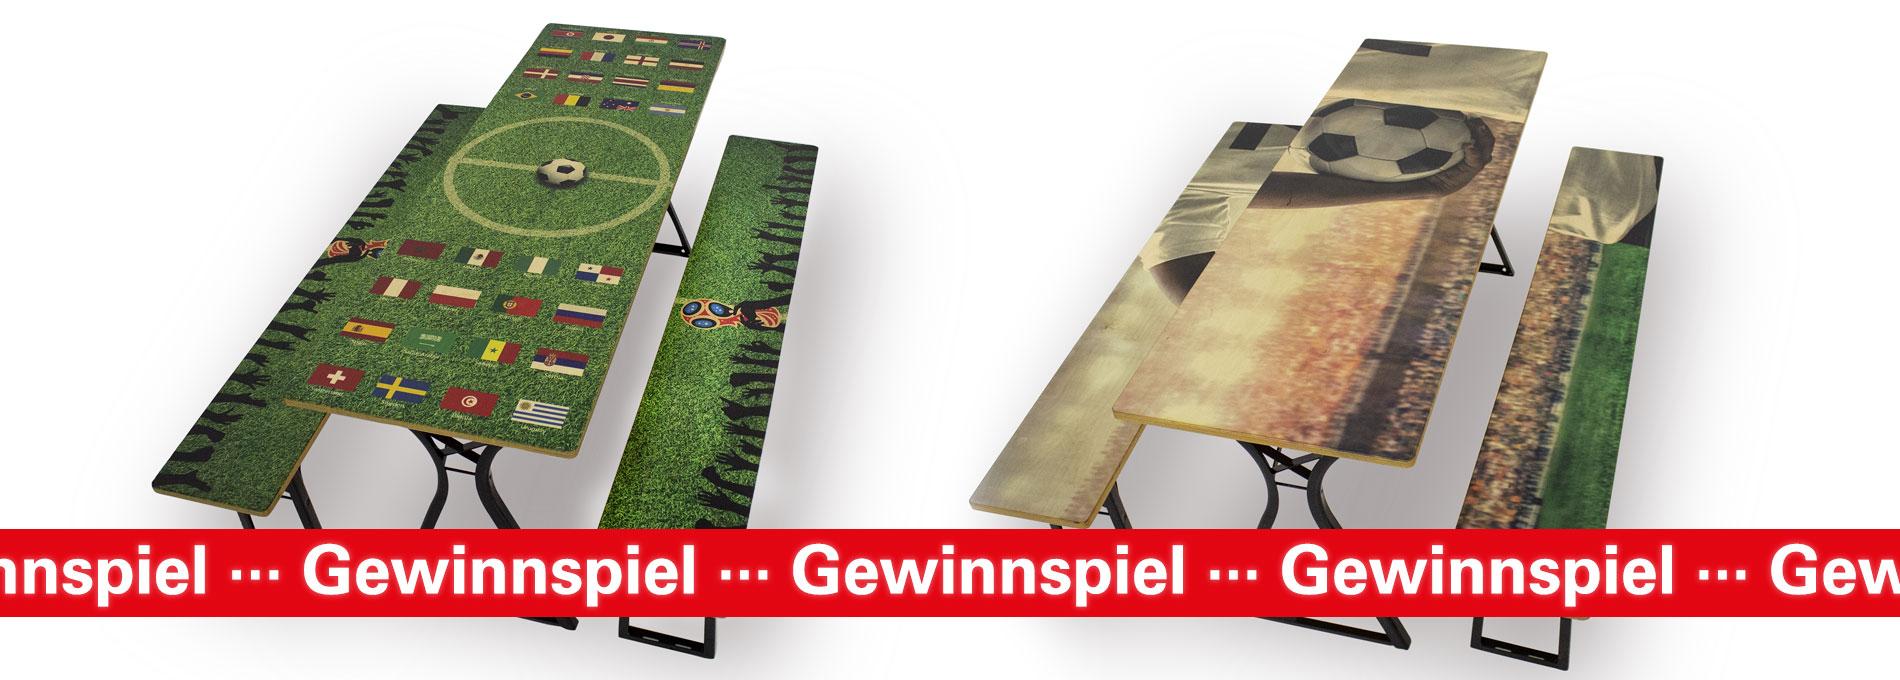 Zwei Garnituren im Fußball-Style, die im Rahmen des WM-Gewinnspiels von RUKUevent verlost werden